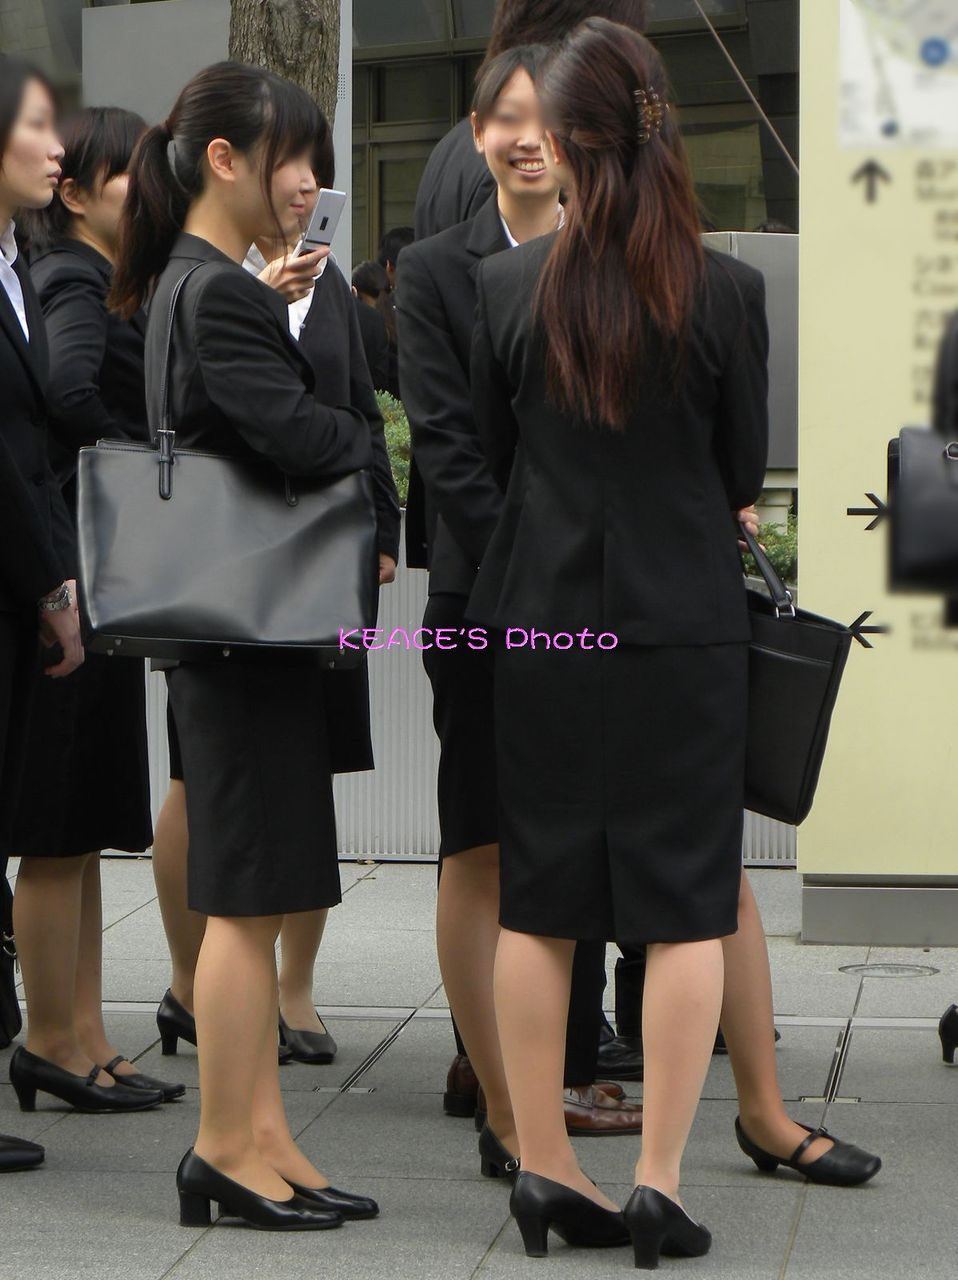 就活OLが上京で履歴書をチェックする盗撮エロ画像4枚目